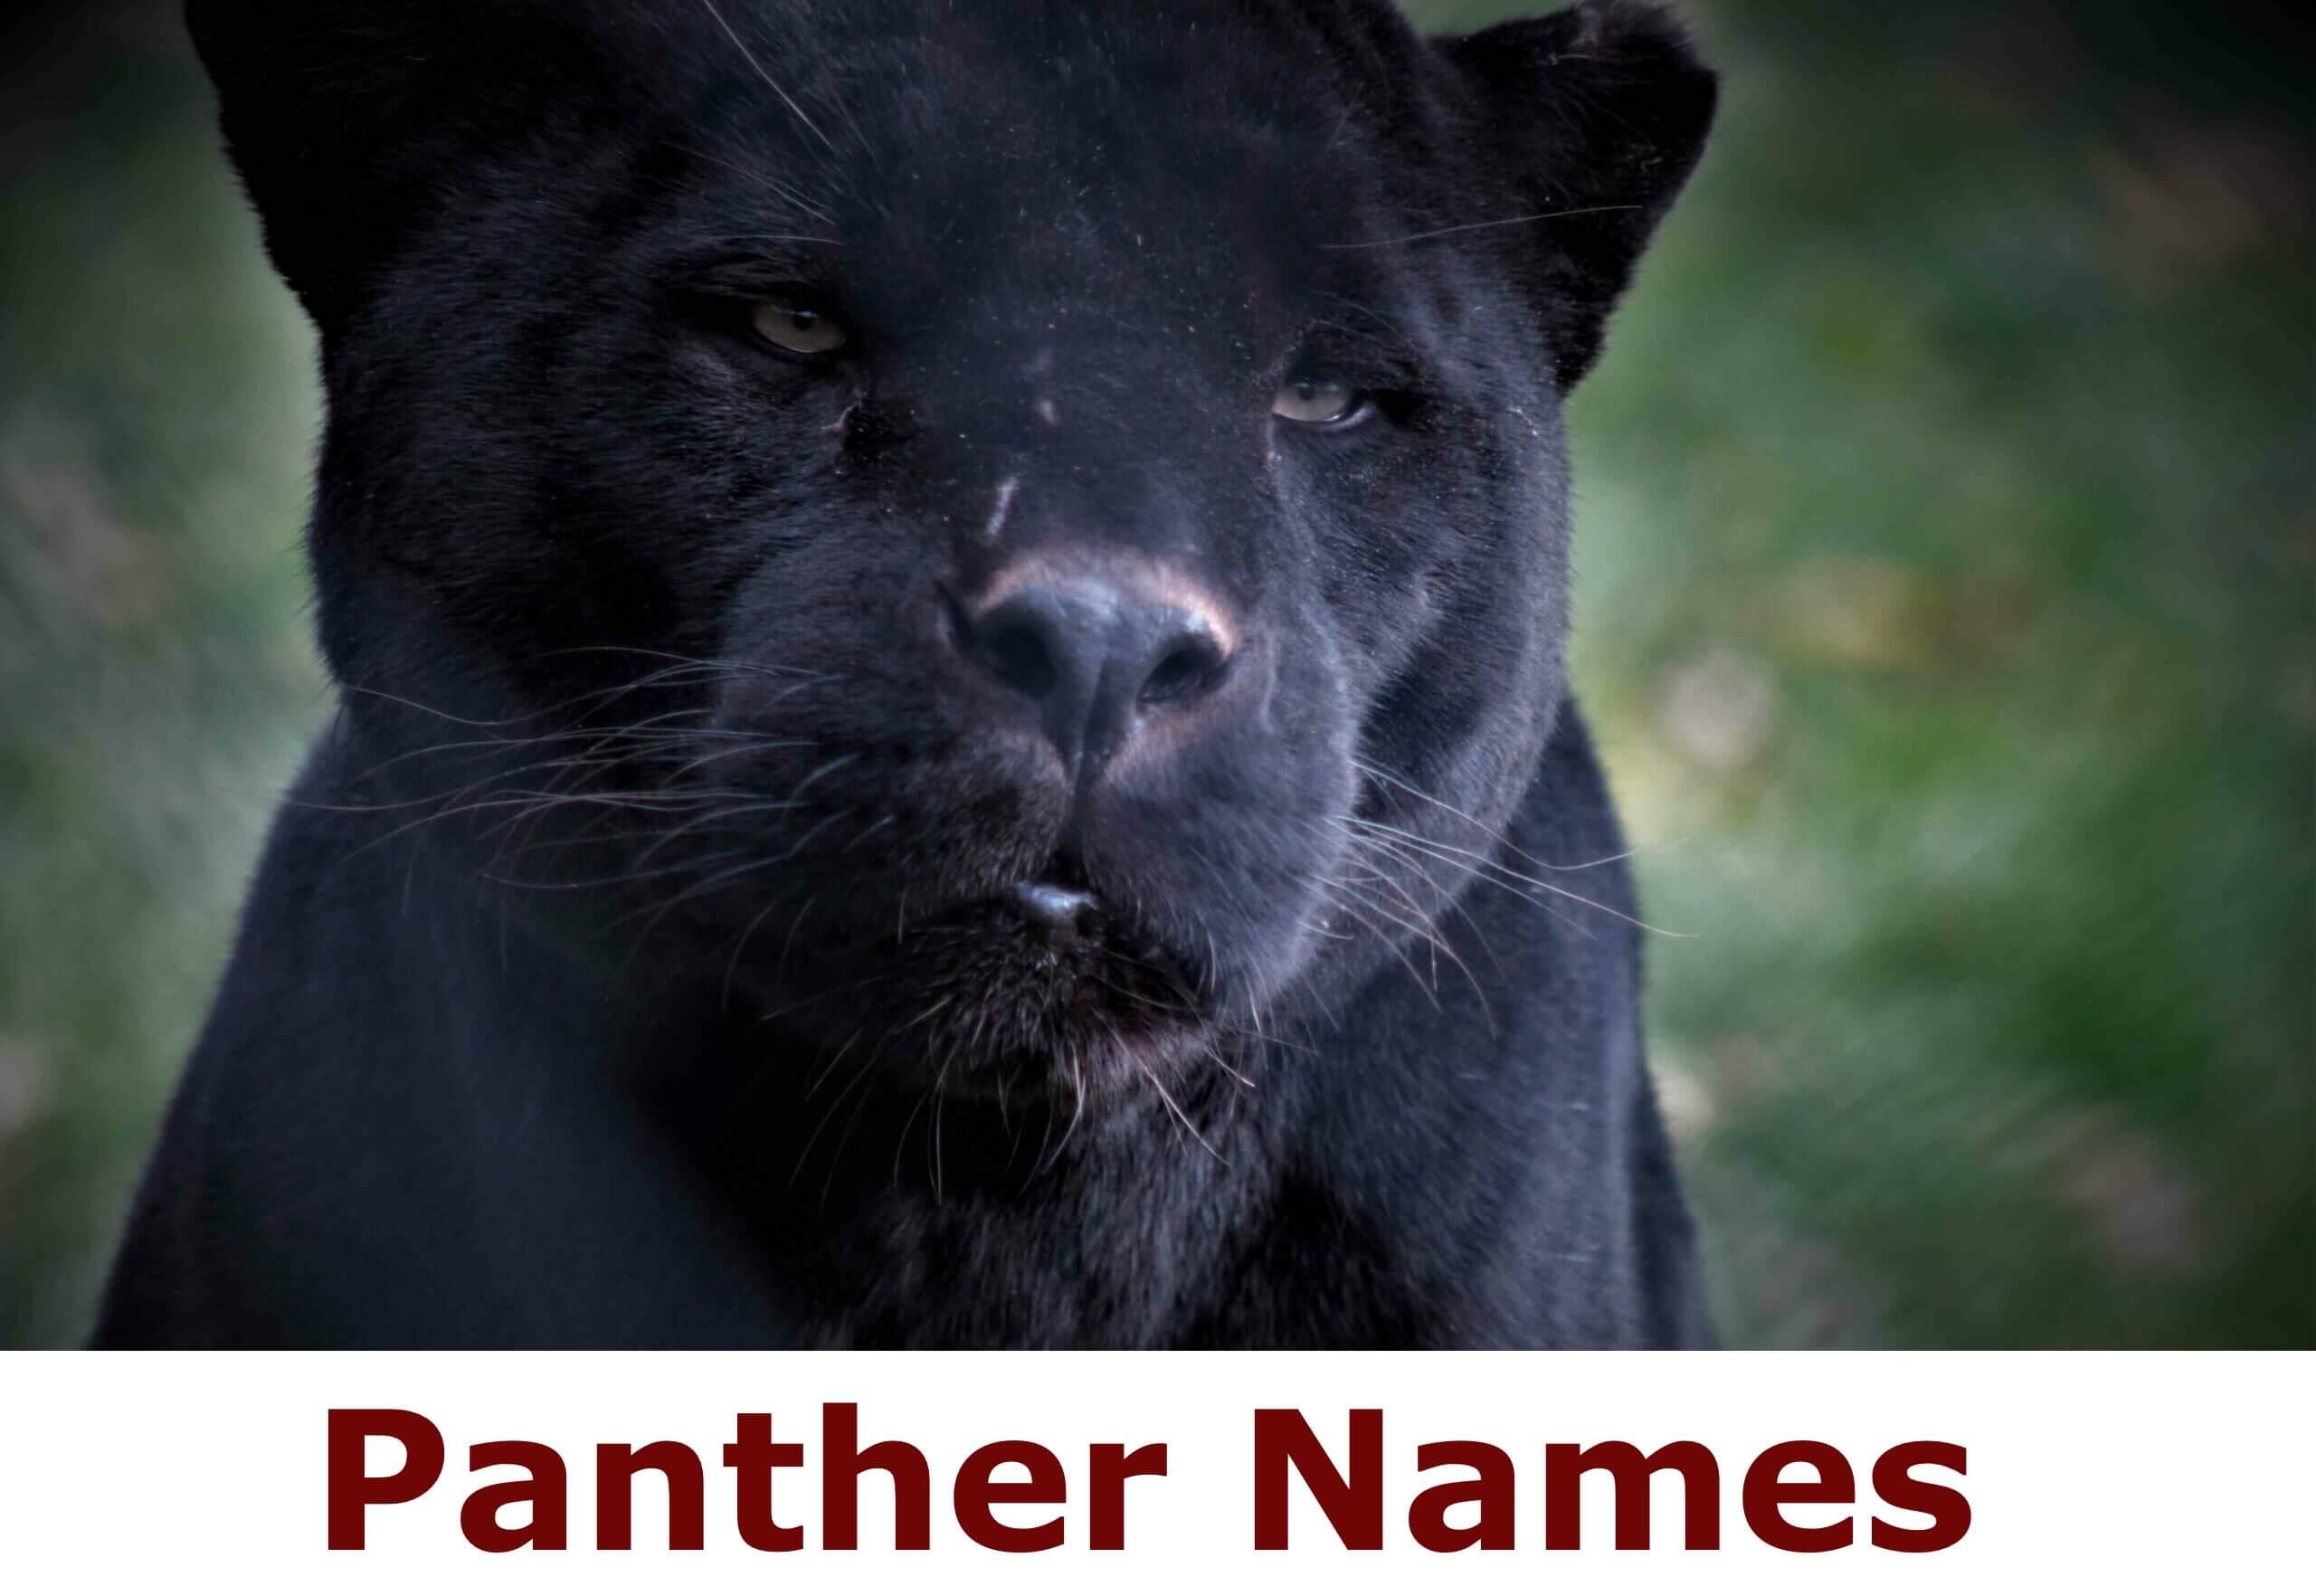 Panther Names